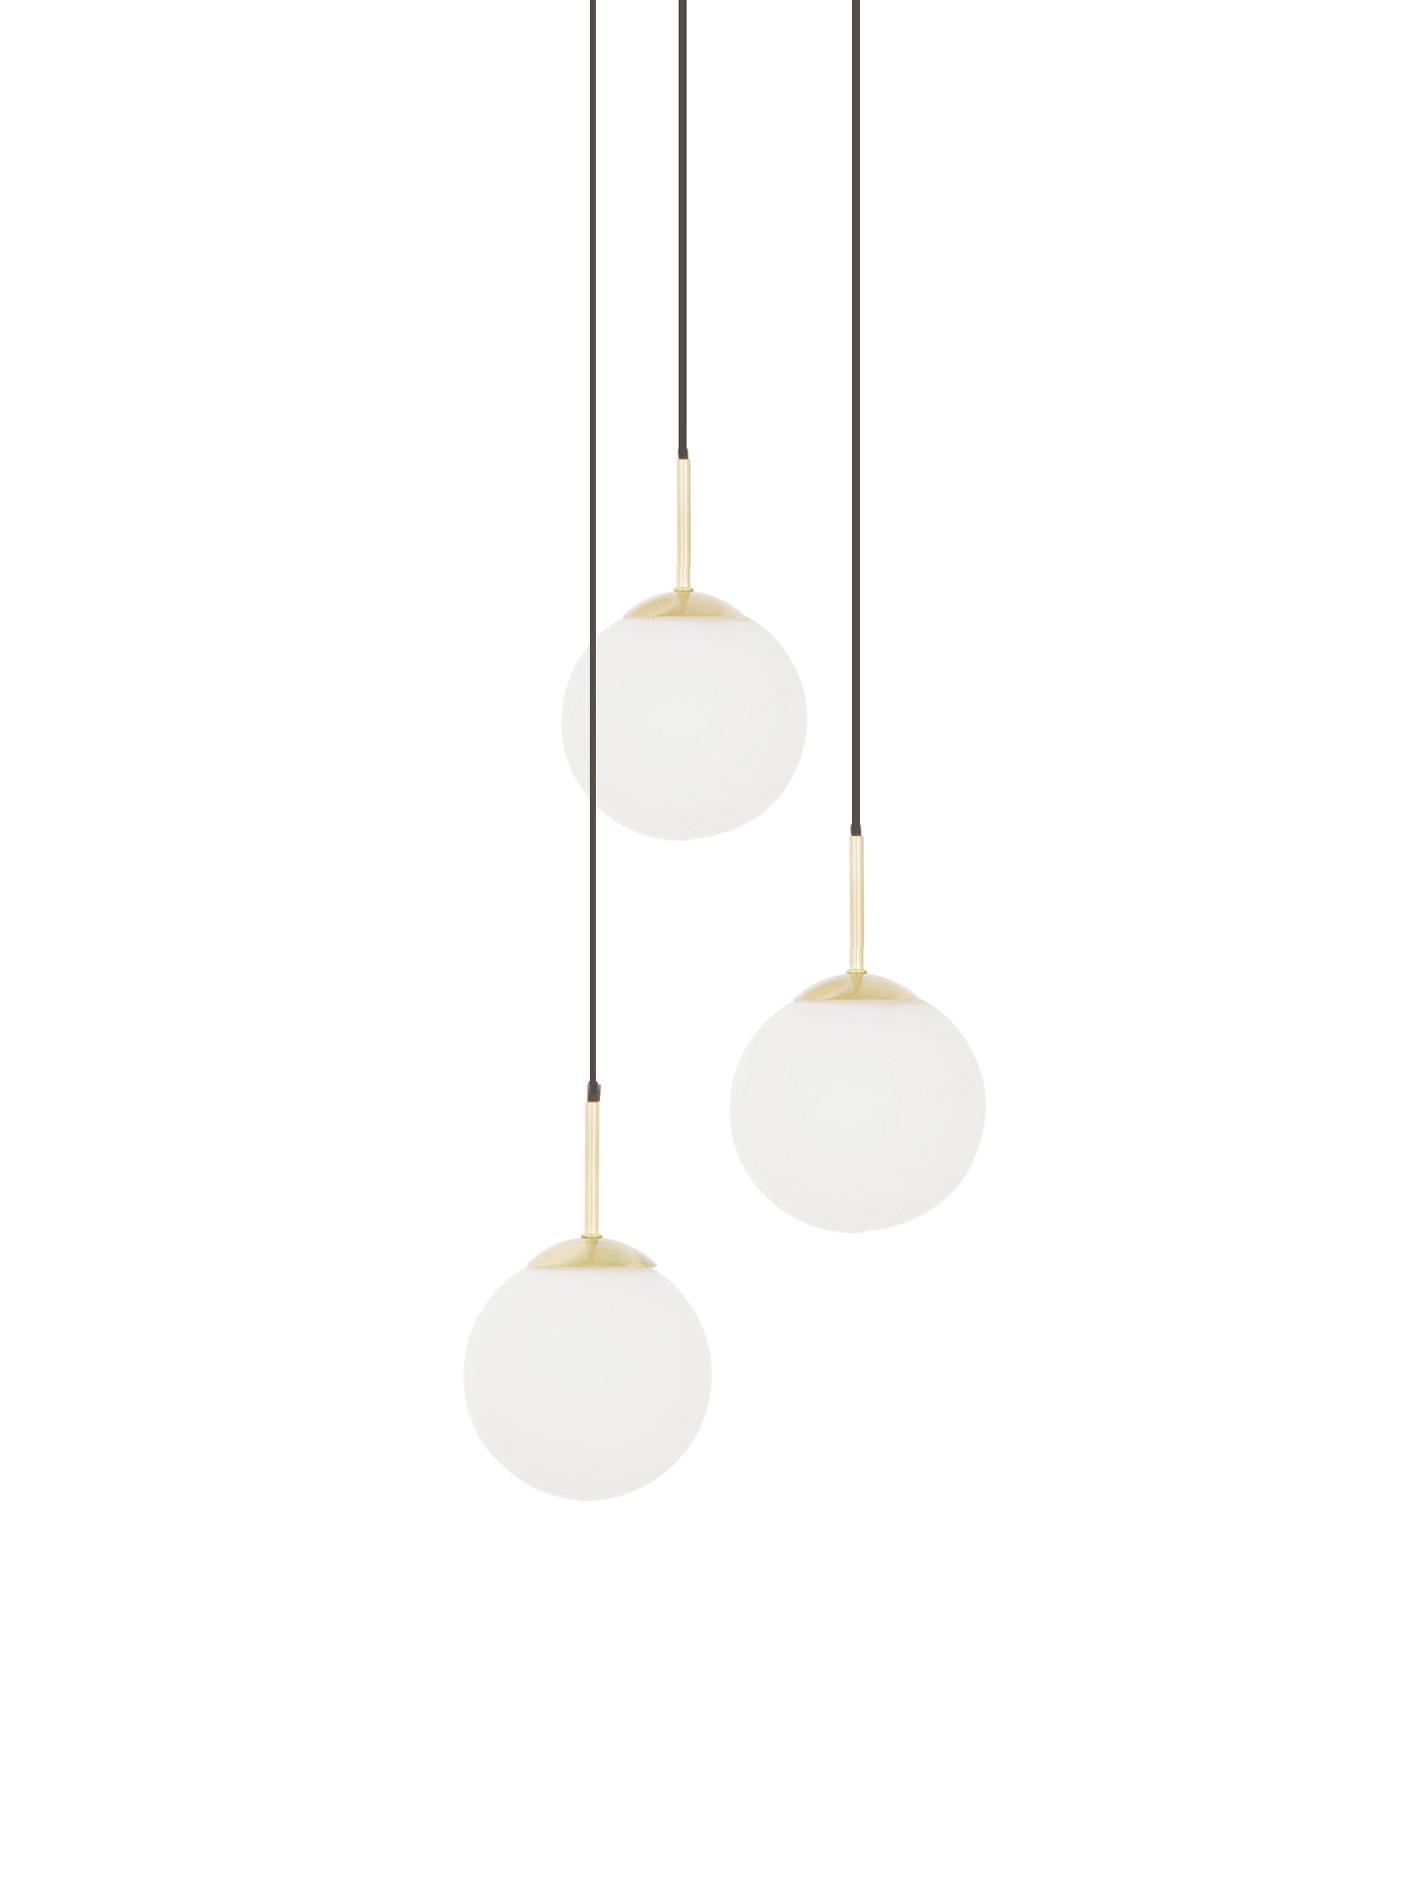 Pendelleuchte Edie aus Glas, Weiss, Messing, Ø 30 cm